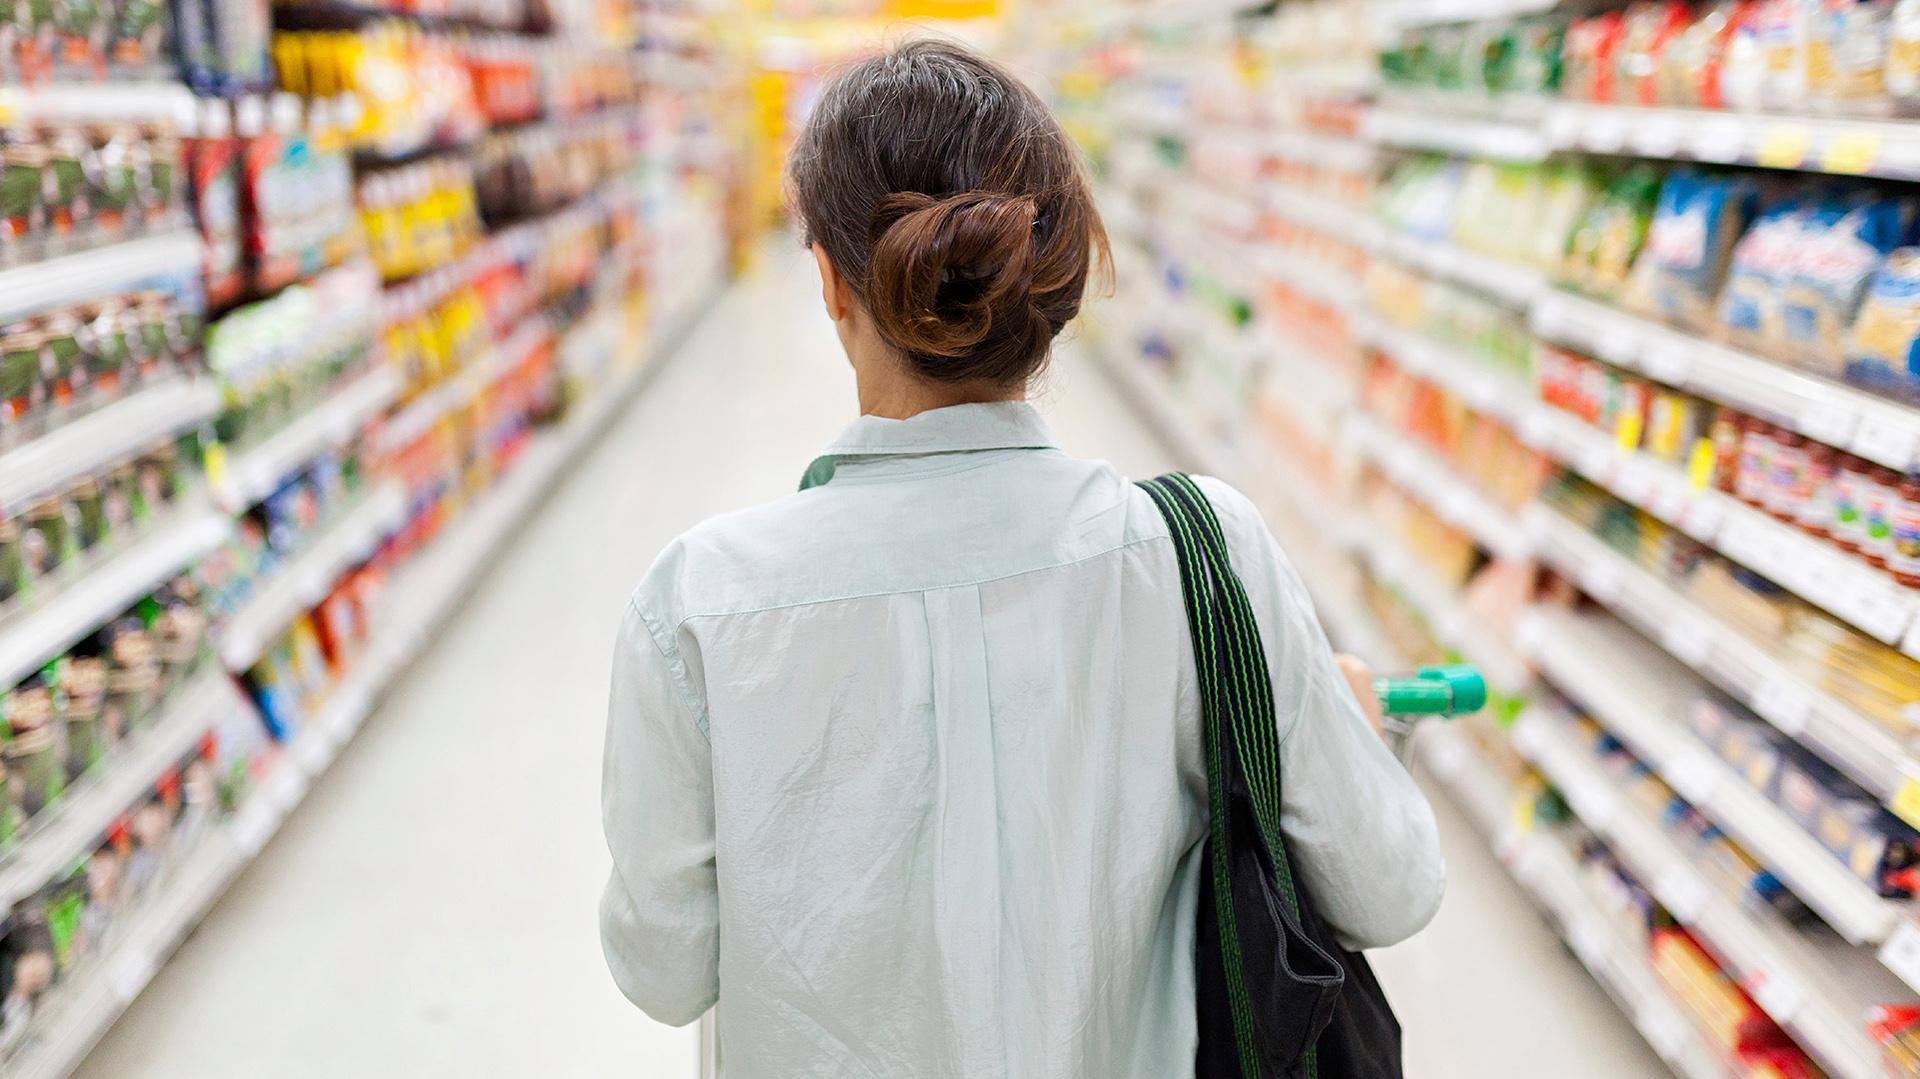 Los supermercados aseguran que las diferencias de costos por local impactan en las góndolas.